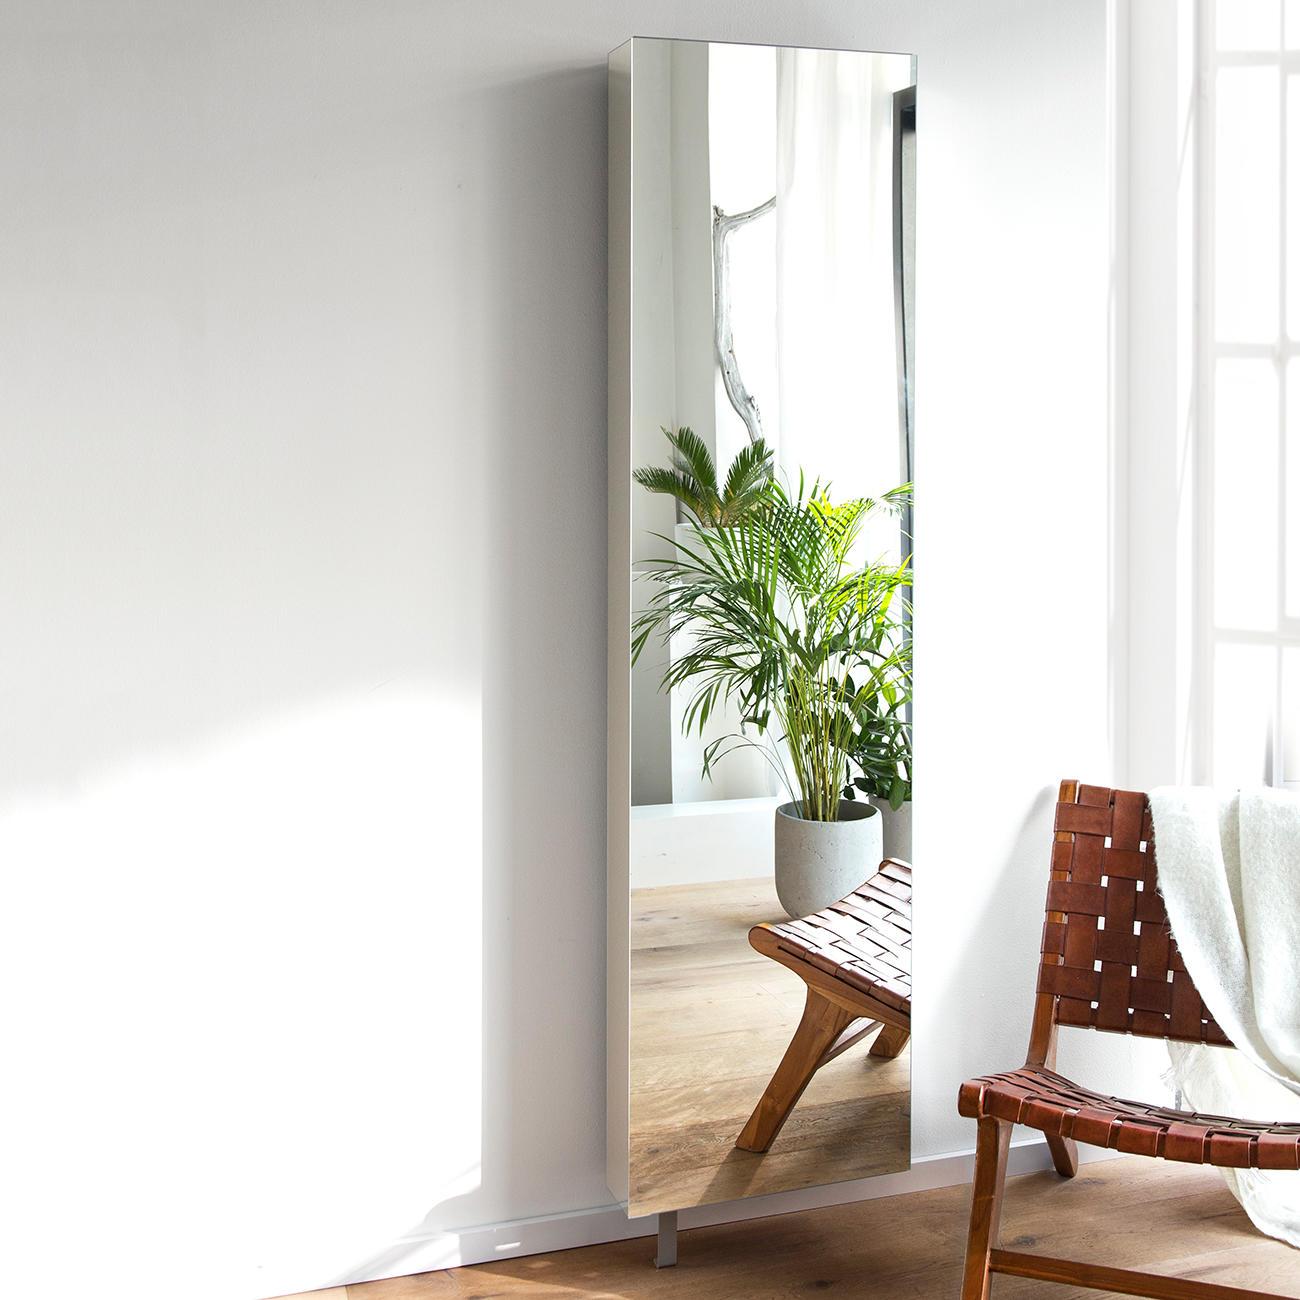 Spiegel drehschrank 3 jahre garantie pro idee - Spiegelschrank flur ...